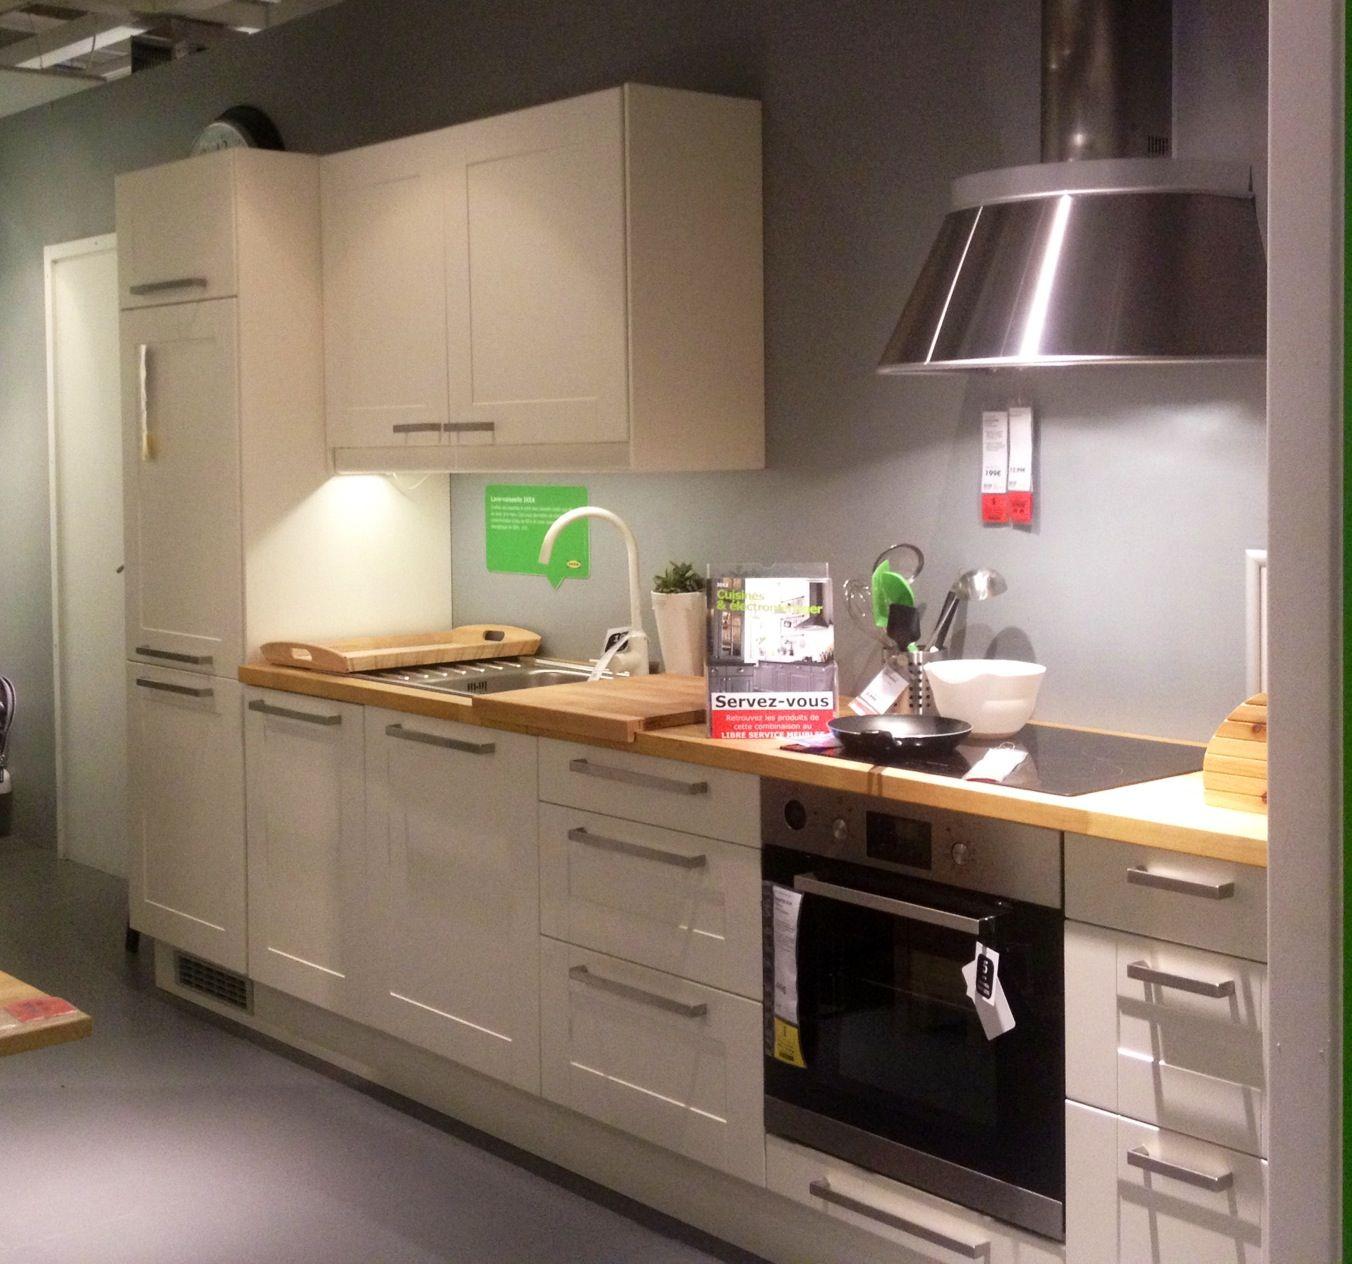 shaker style kitchen ikea na e kuchy kitchen cabinets kitchen et white shaker kitchen. Black Bedroom Furniture Sets. Home Design Ideas